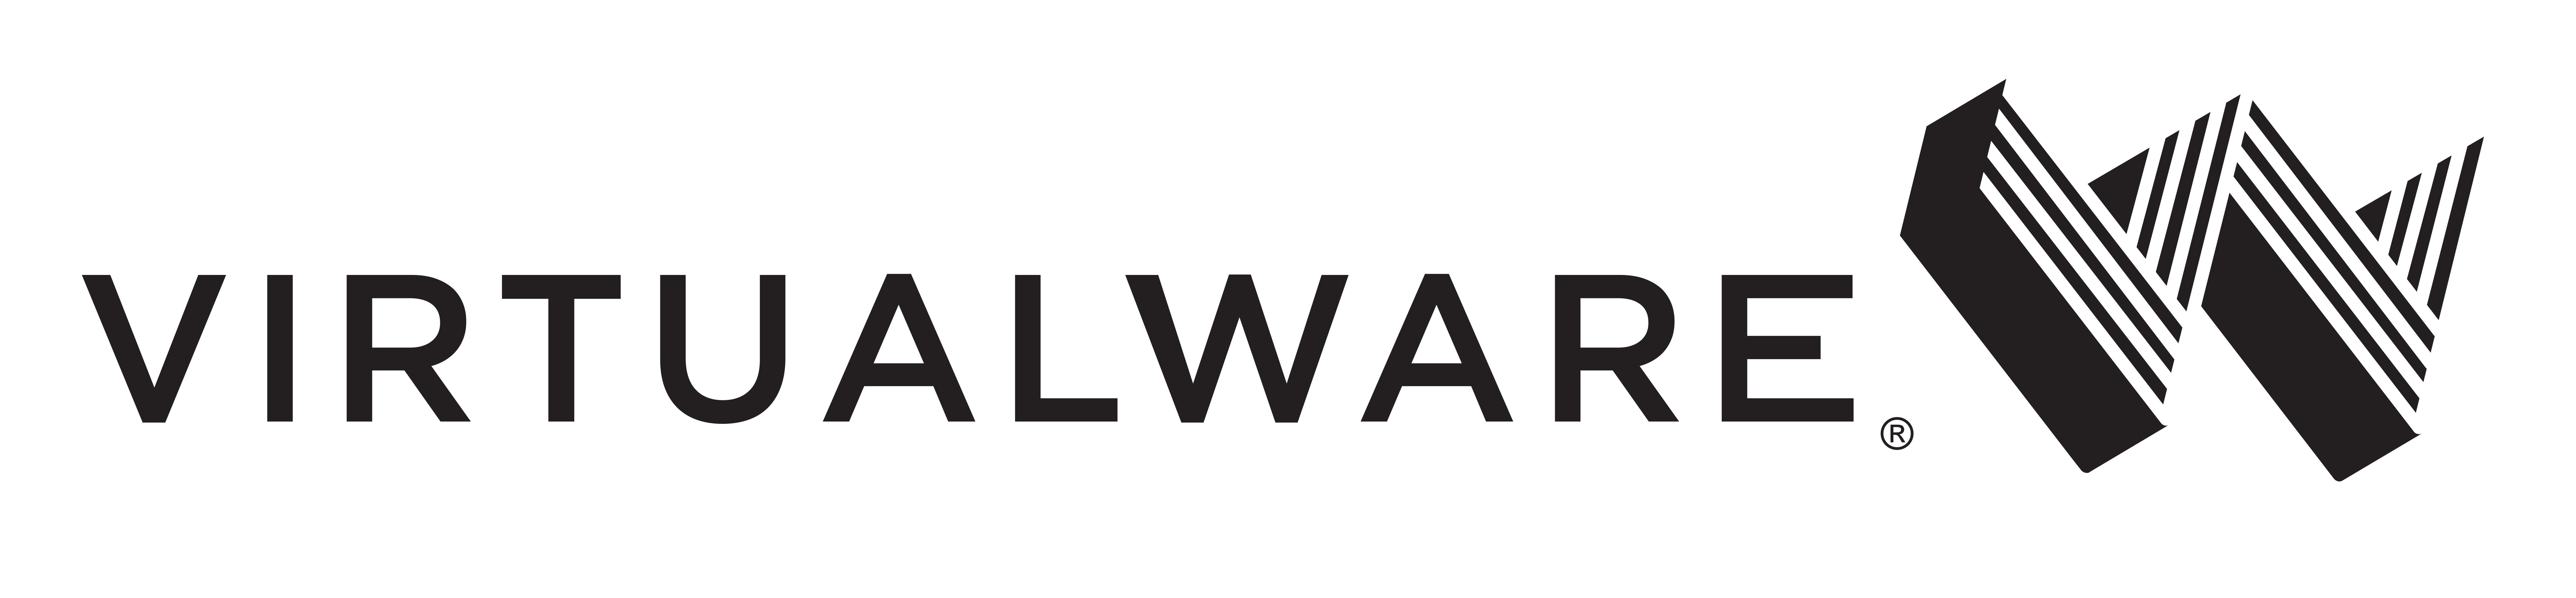 Logo de VIRTUALWARE